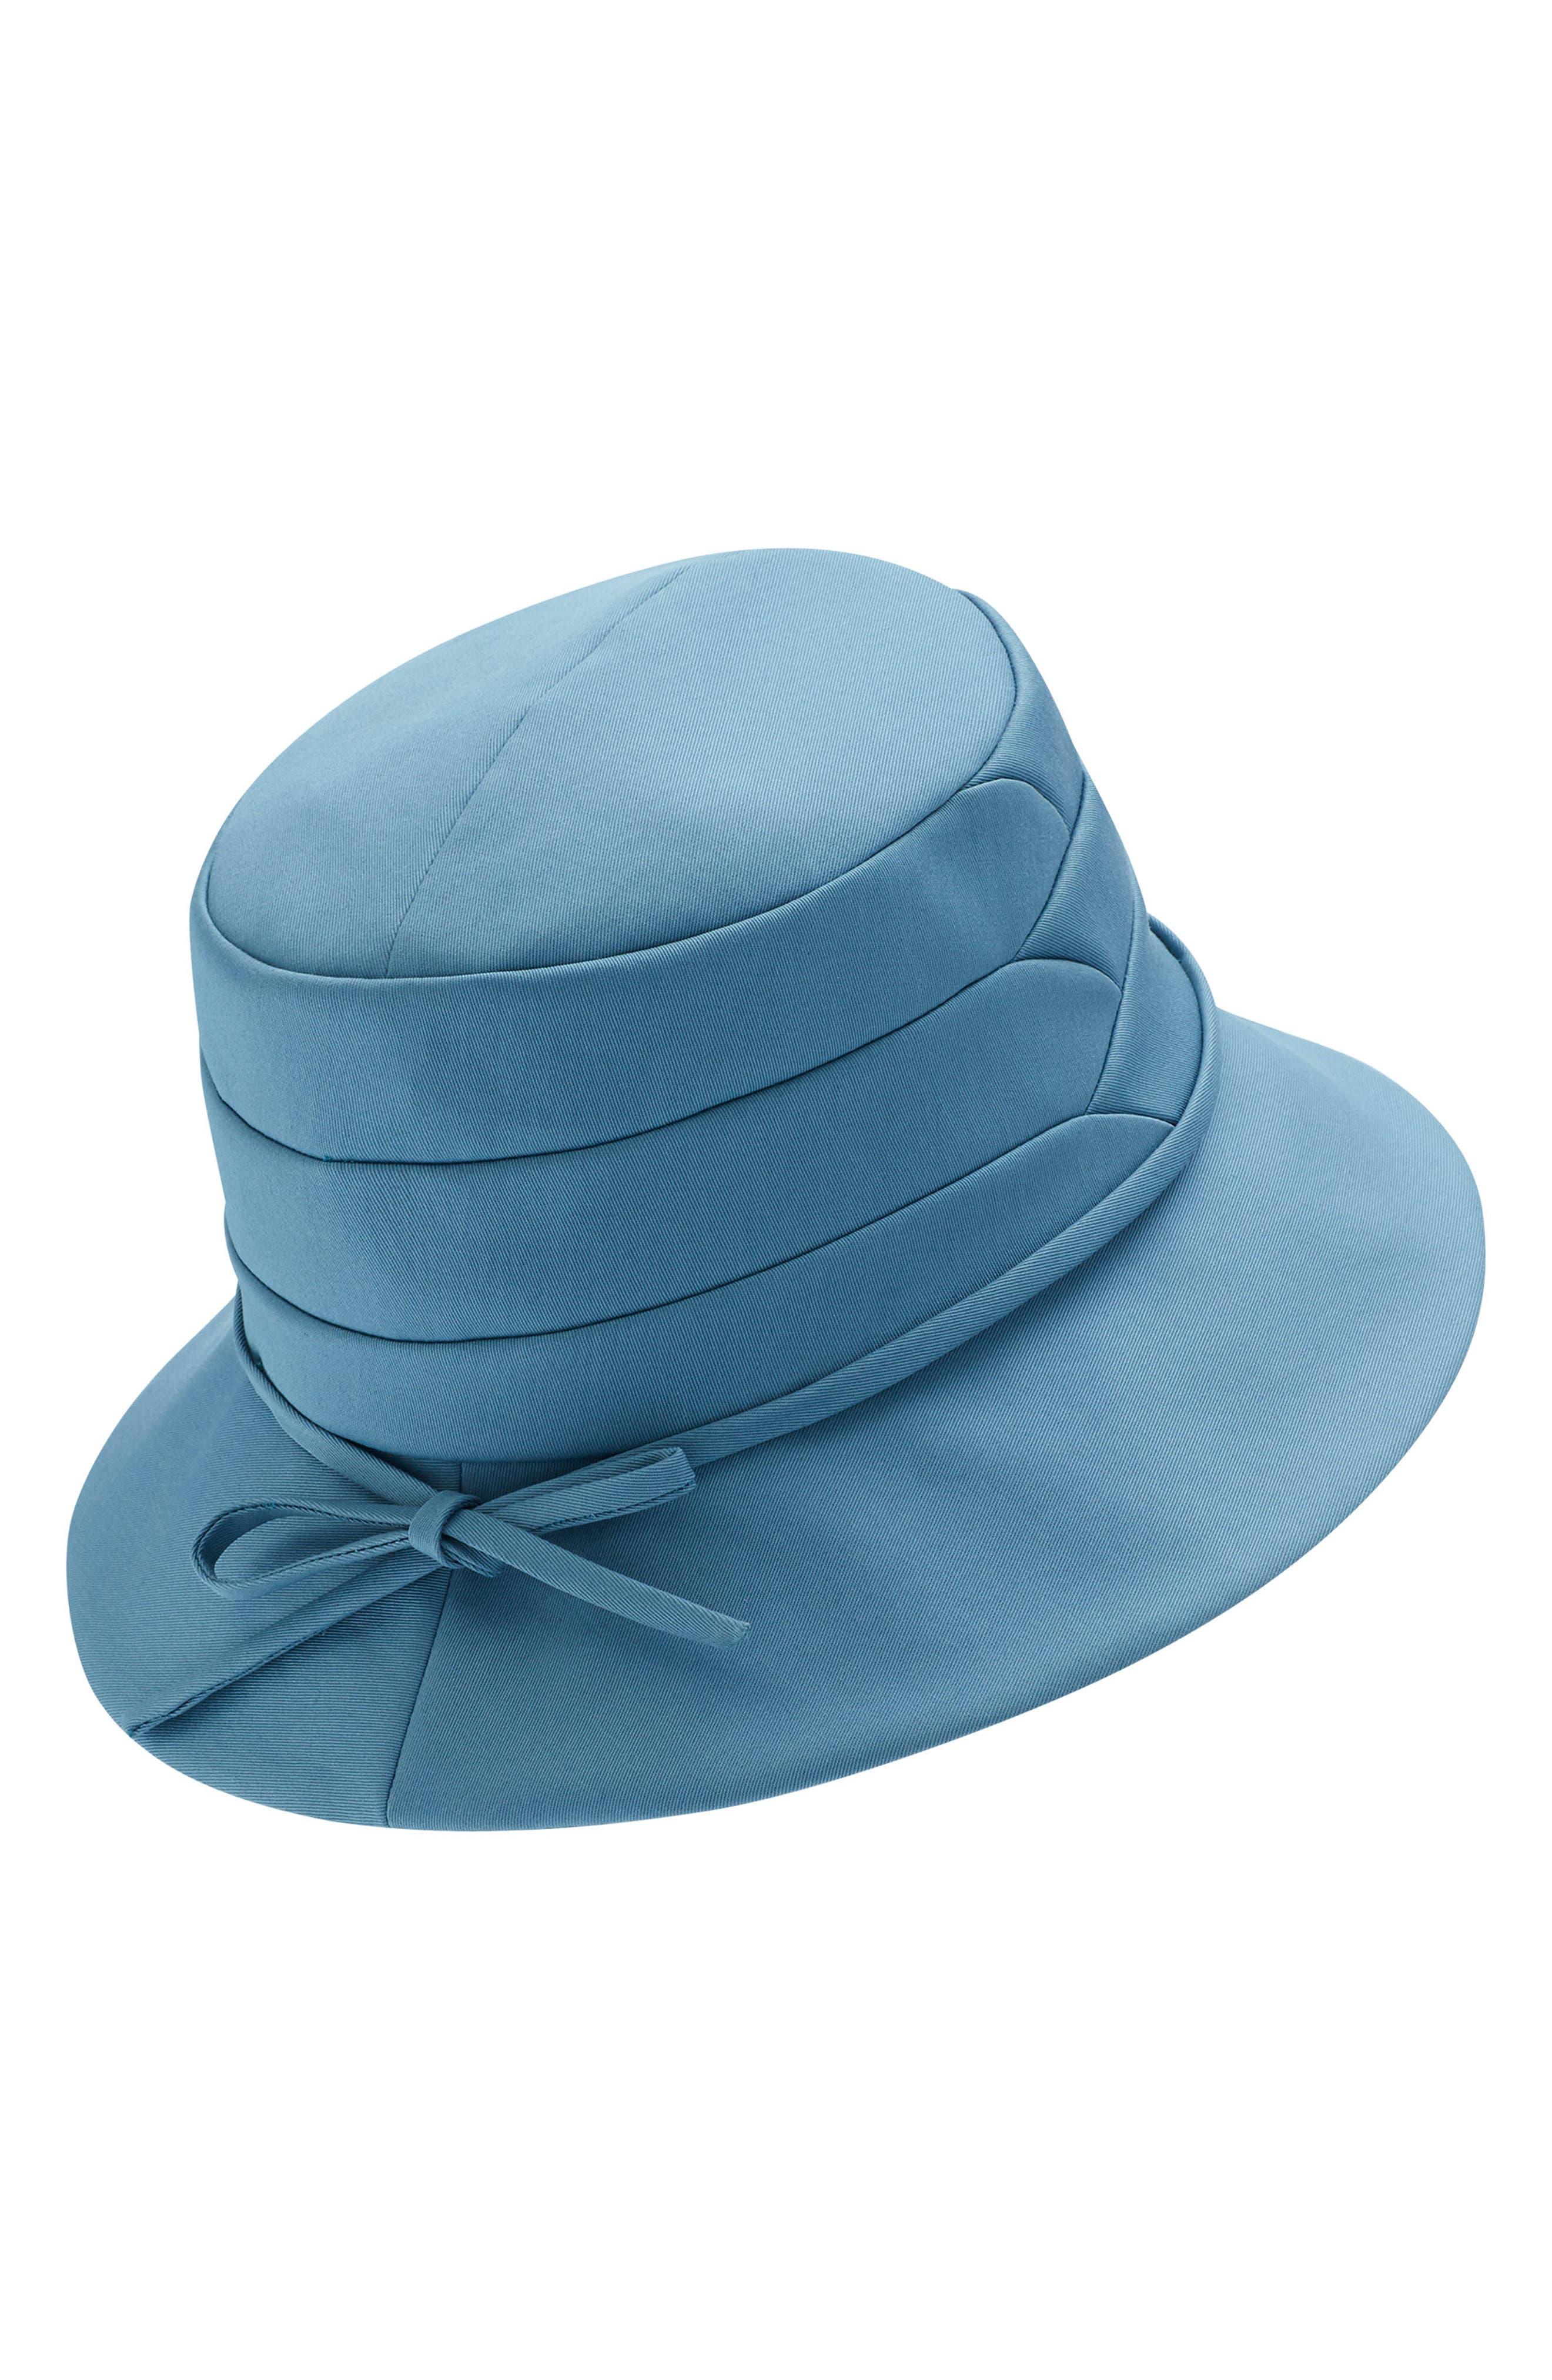 Medium Brim Water-Resistant Hat,                             Alternate thumbnail 2, color,                             LAKE